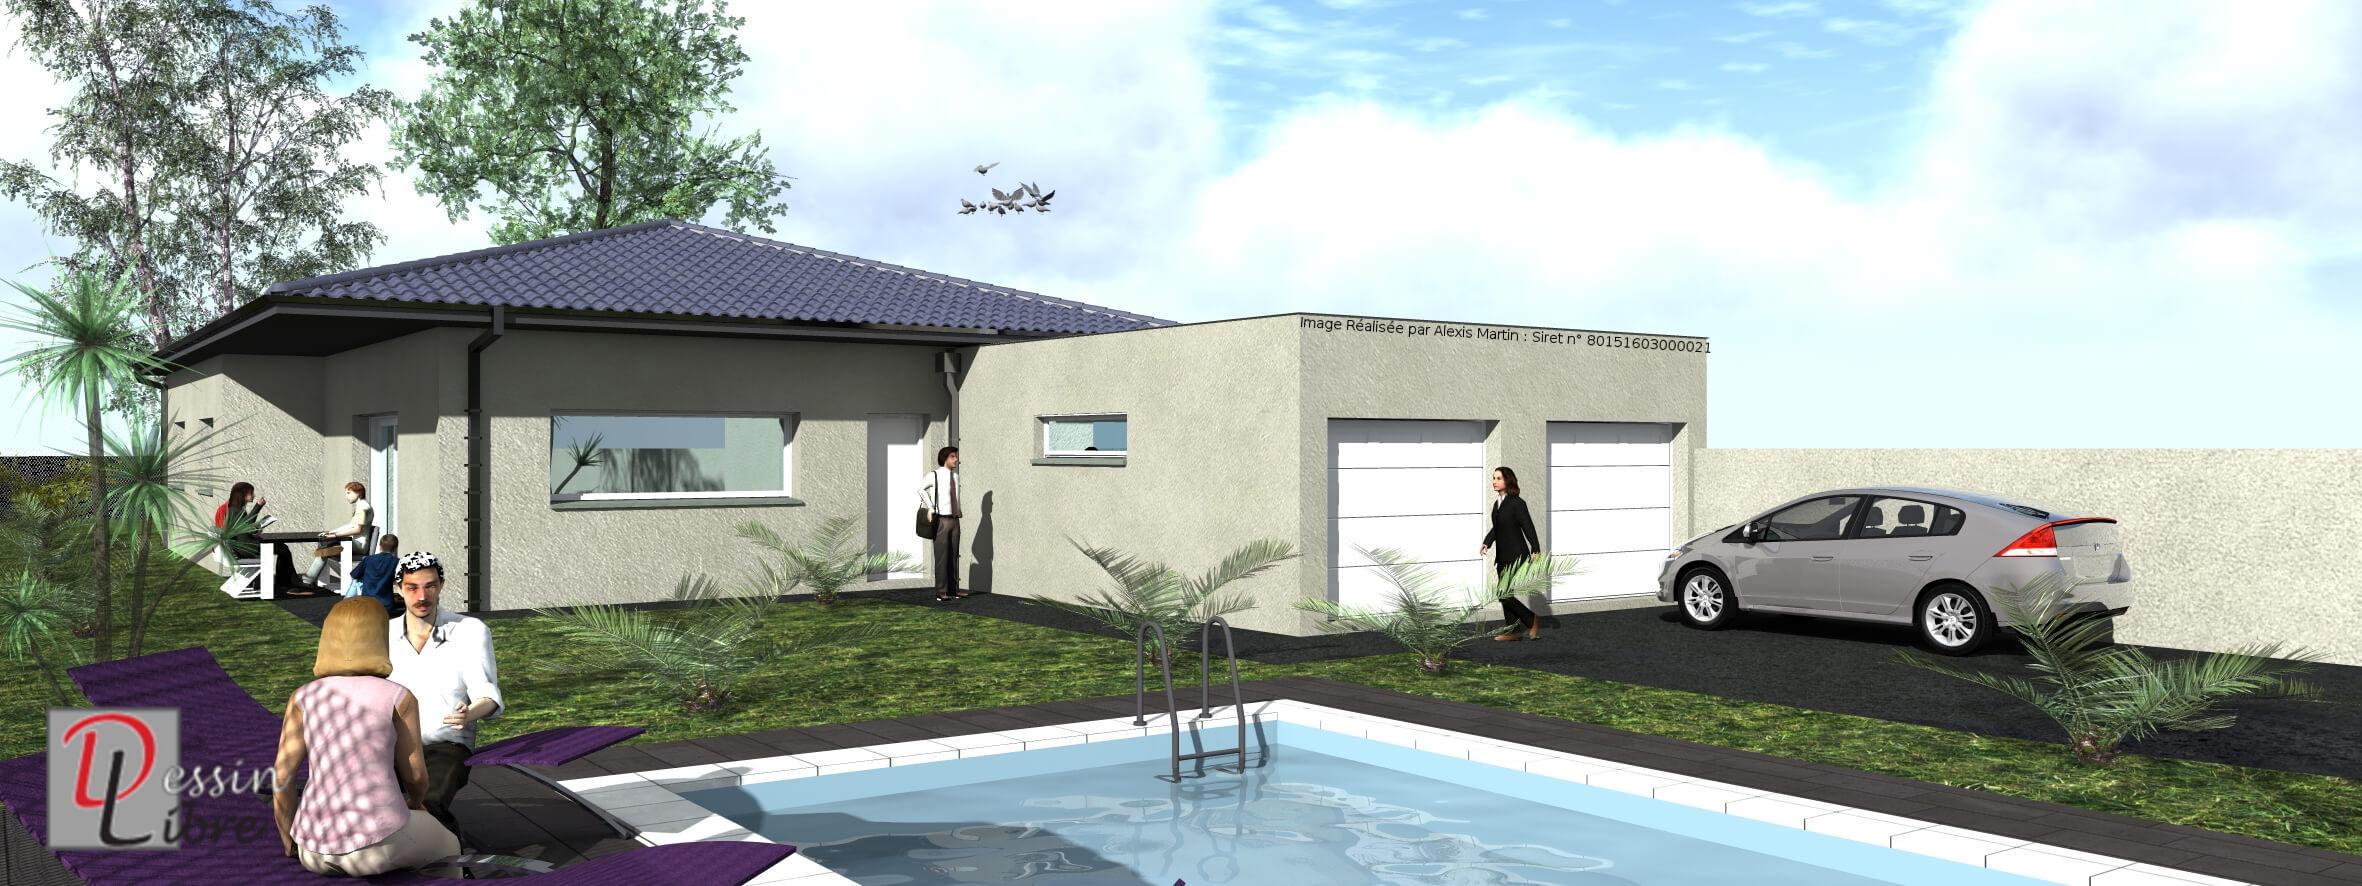 Maison moderne type t5 de 138 m rieumes 31 for Maison moderne 31